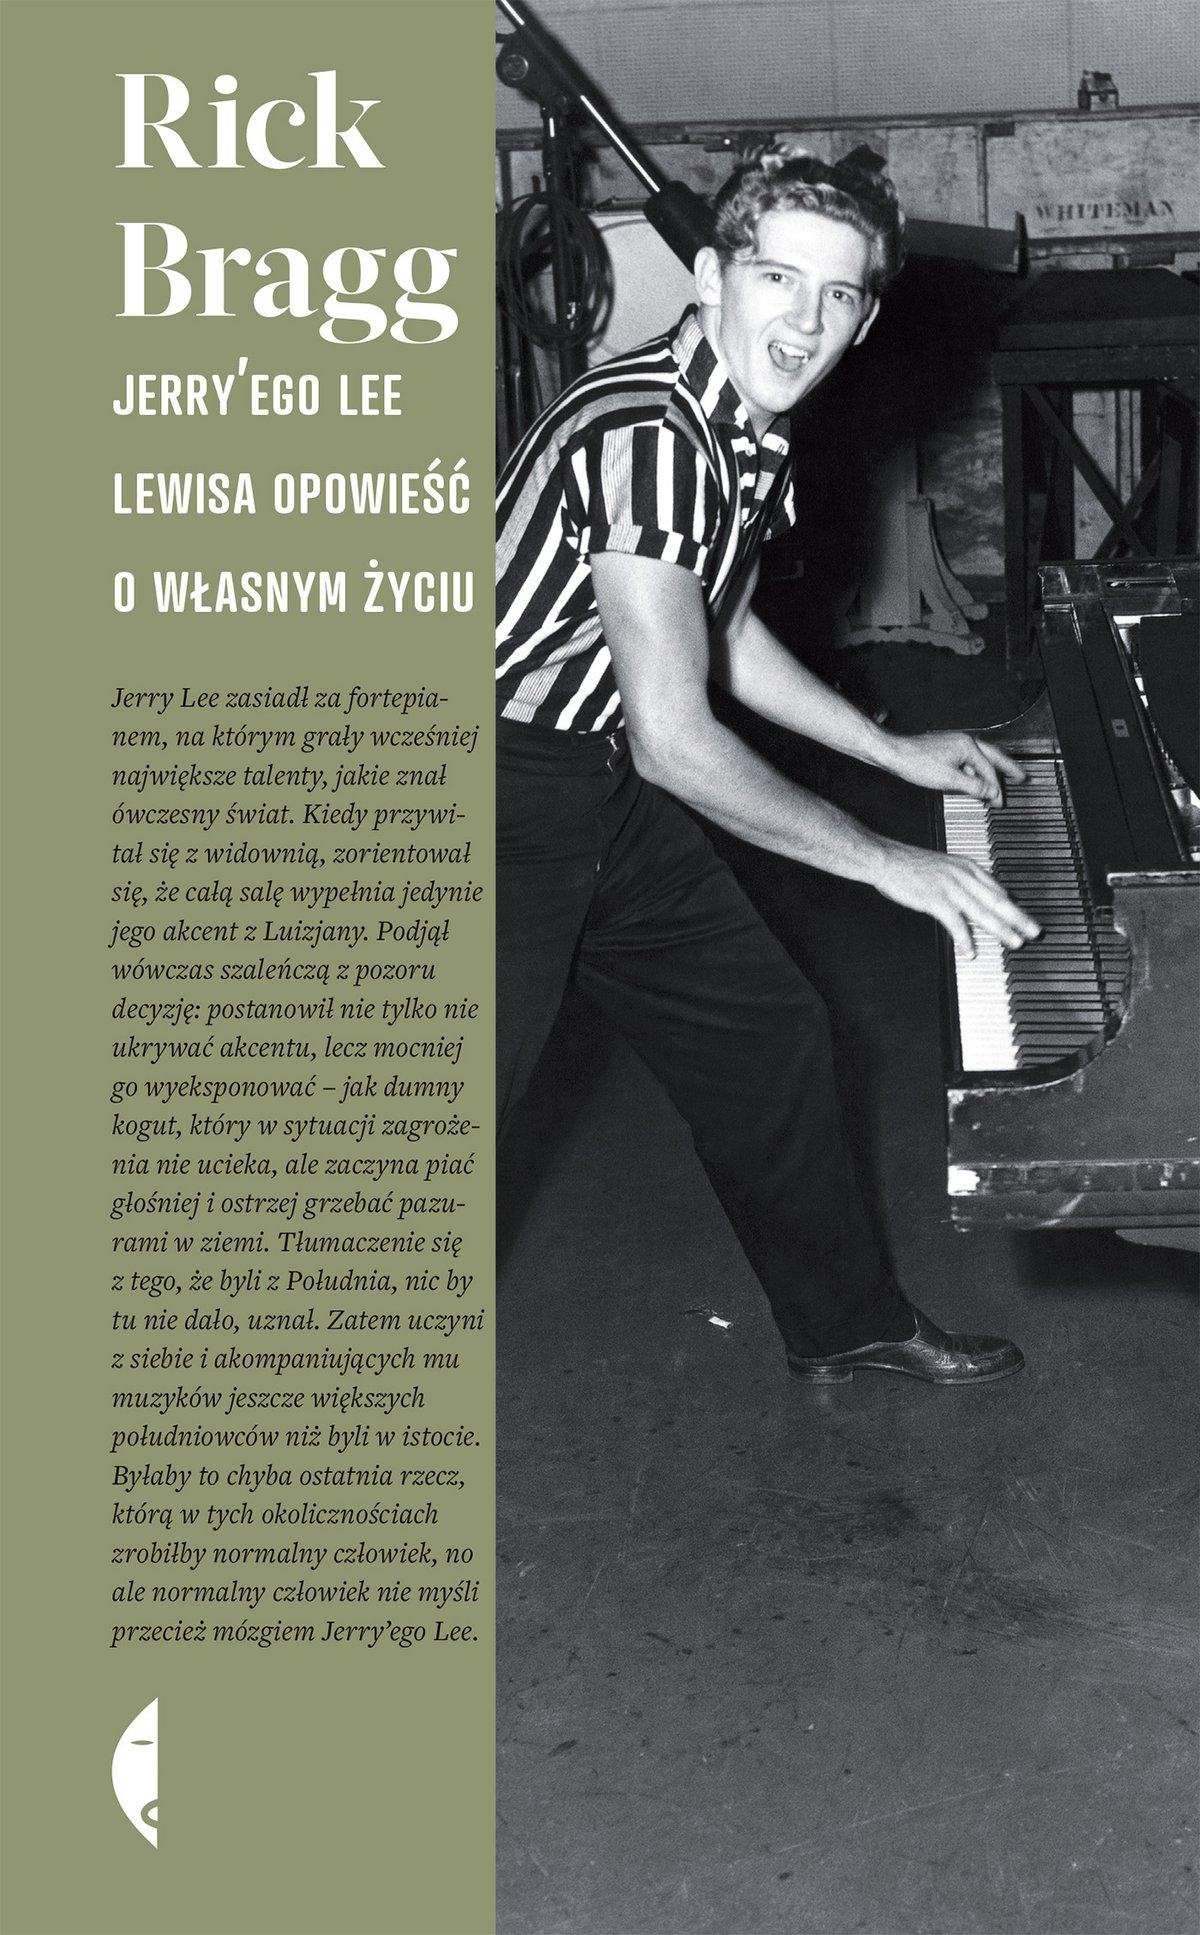 Jerry'ego Lee Lewisa opowieść o własnym życiu - Ebook (Książka EPUB) do pobrania w formacie EPUB